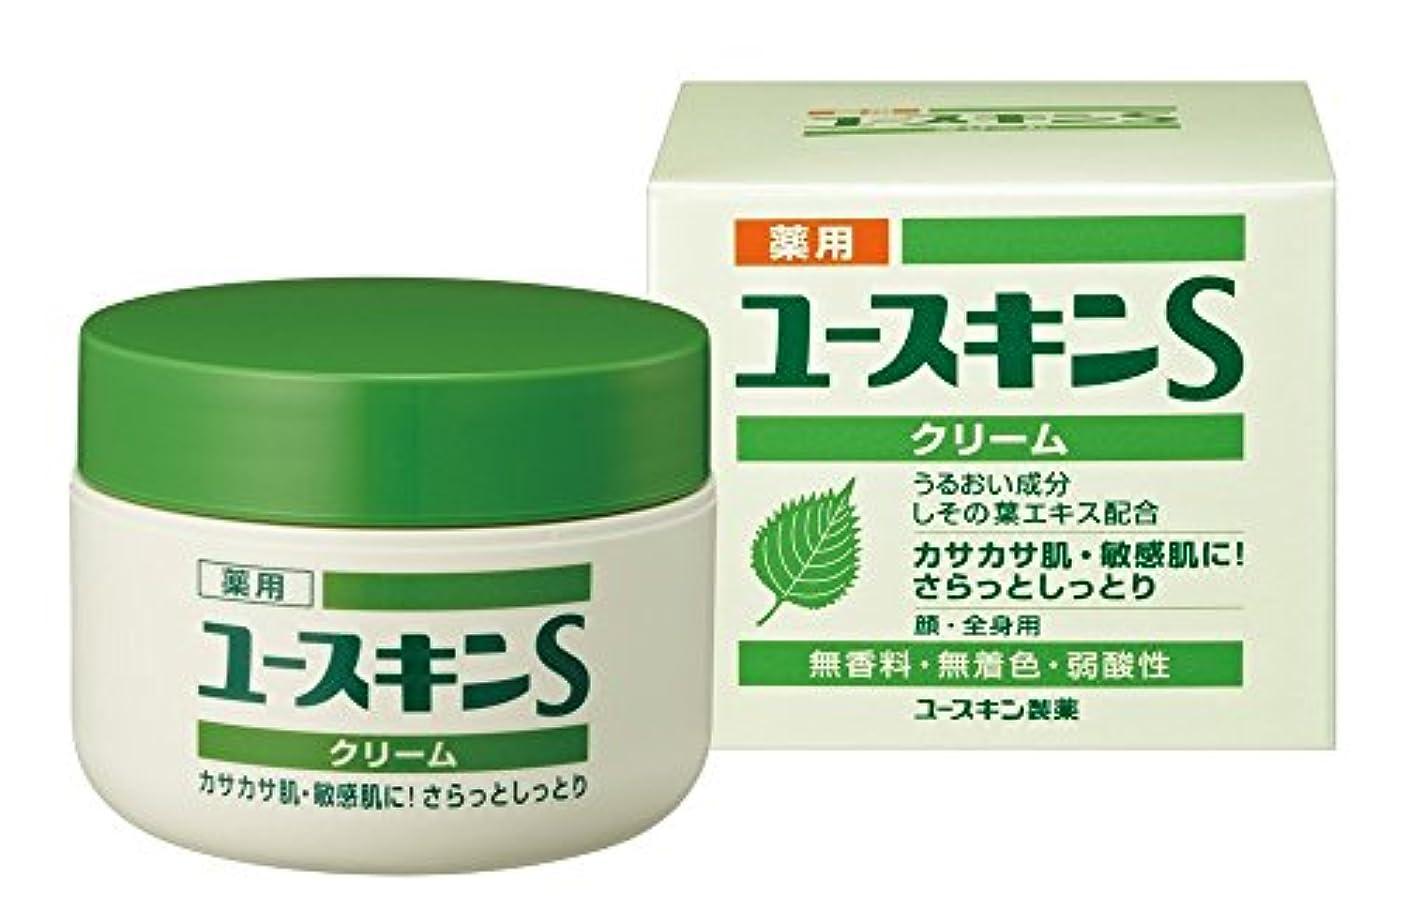 ラフセミナーコンパニオンユースキン製薬 薬用ユースキンSクリーム 70g(医薬部外品)